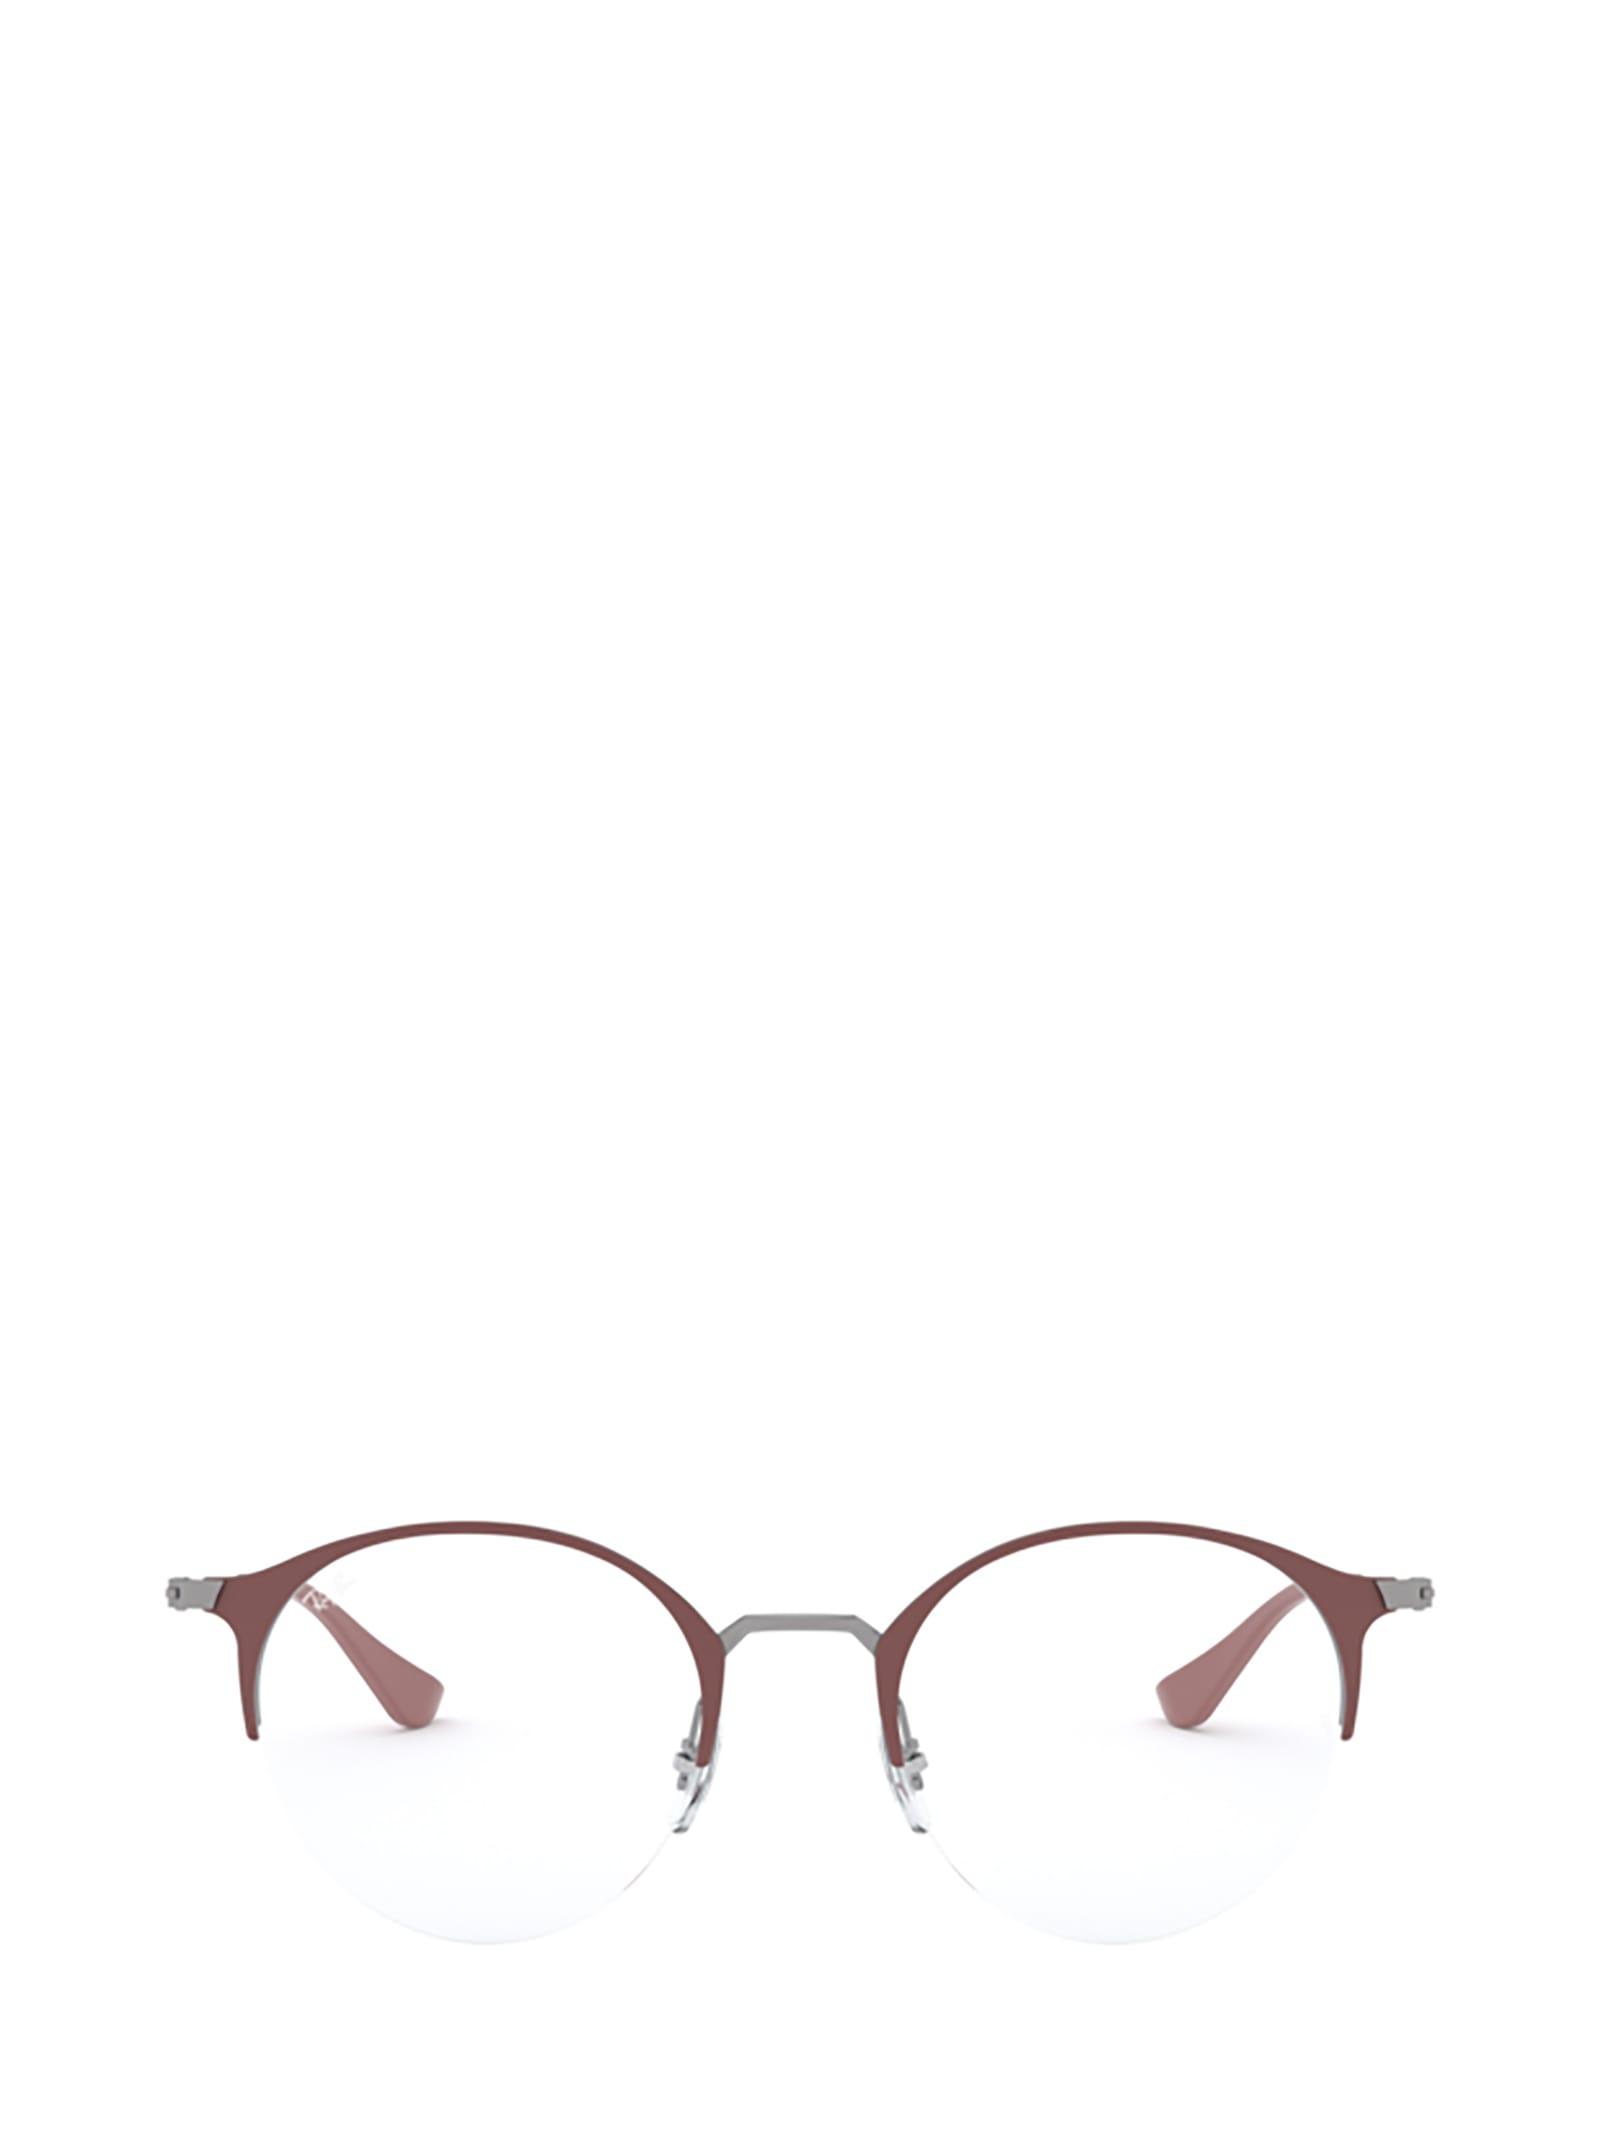 Ray-Ban Ray-ban Rx3578v 2907 Glasses